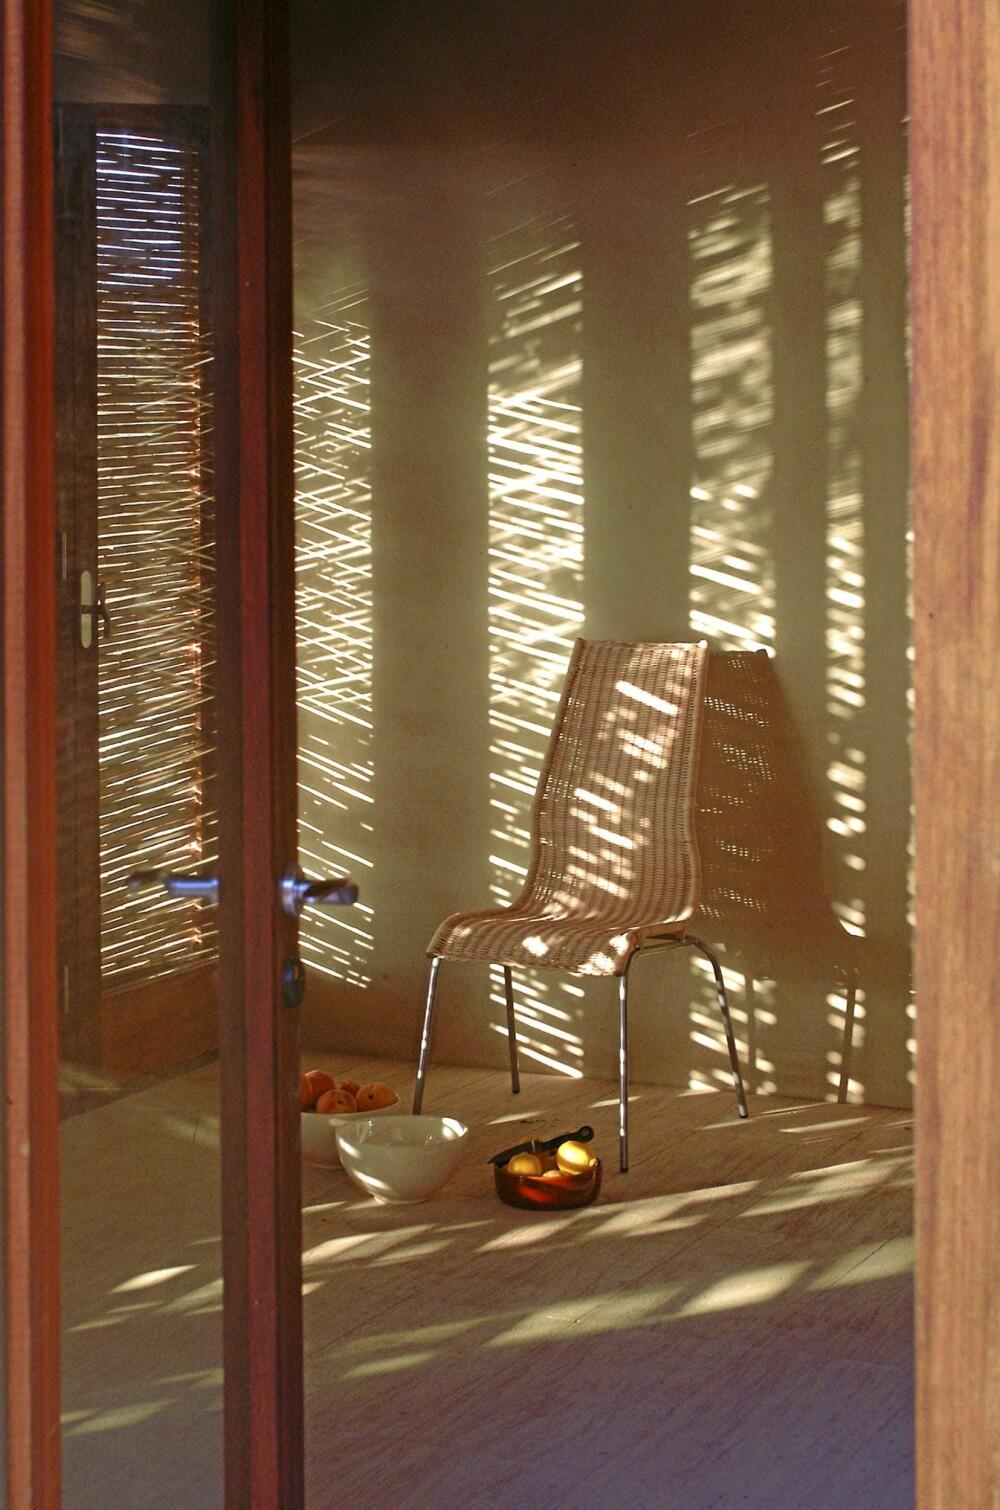 DISKRE I SOLEN: Med bambussjalusier blir det svalt inne i de høye romme, selv på hete dager.